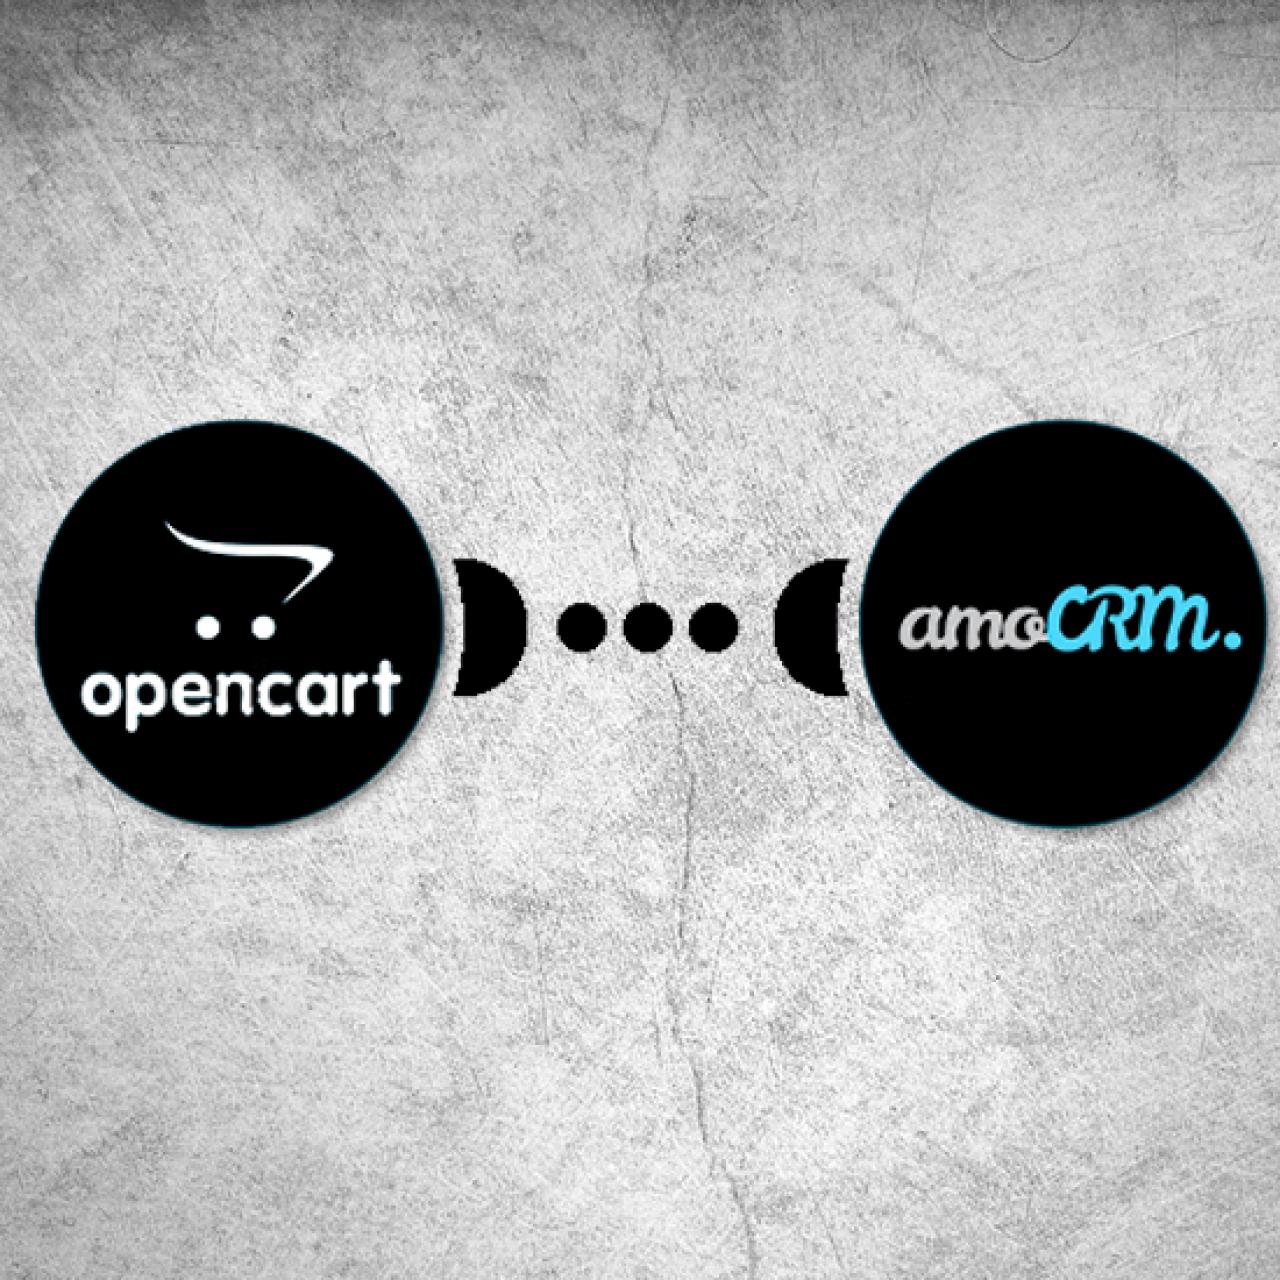 AMO CRM - модуль интеграции Opencart и AMO CRM 1.0.0 из категории Обмен данными для CMS OpenCart (ОпенКарт)